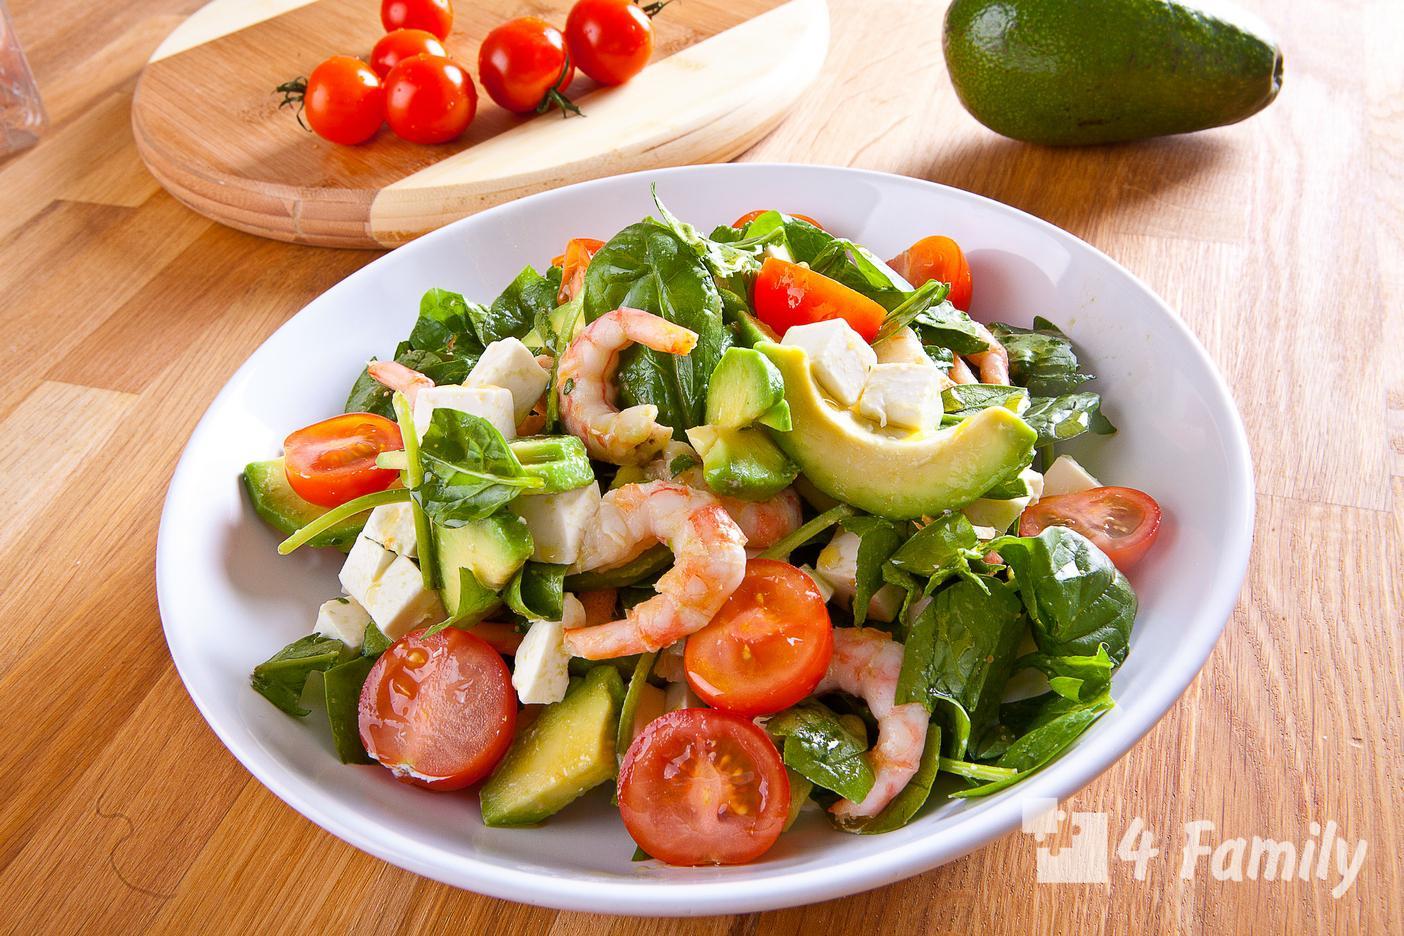 4family Какой салат можно приготовить с морепродуктами